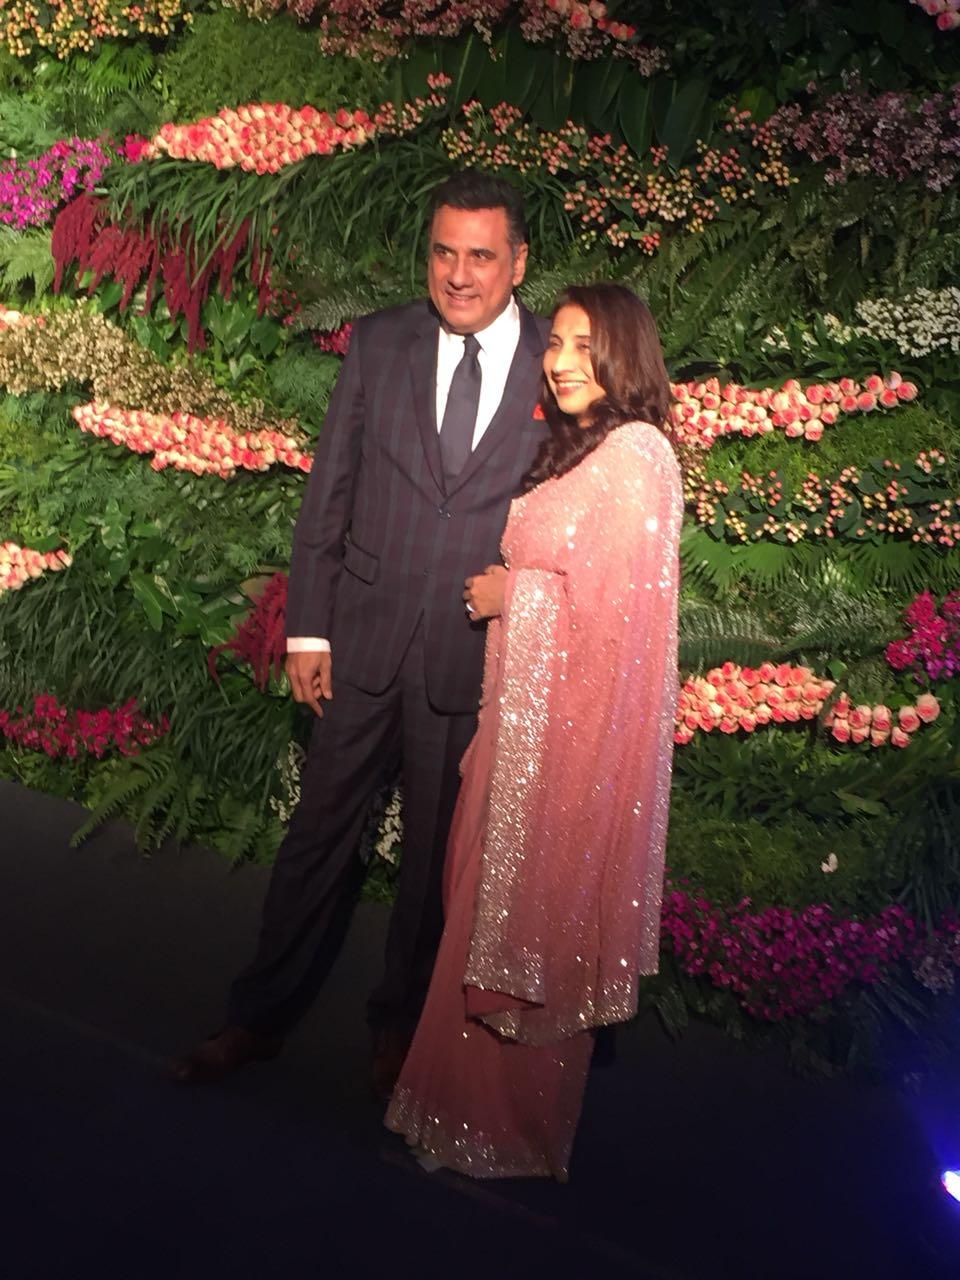 virat anushka wedding reception photos 3002 006